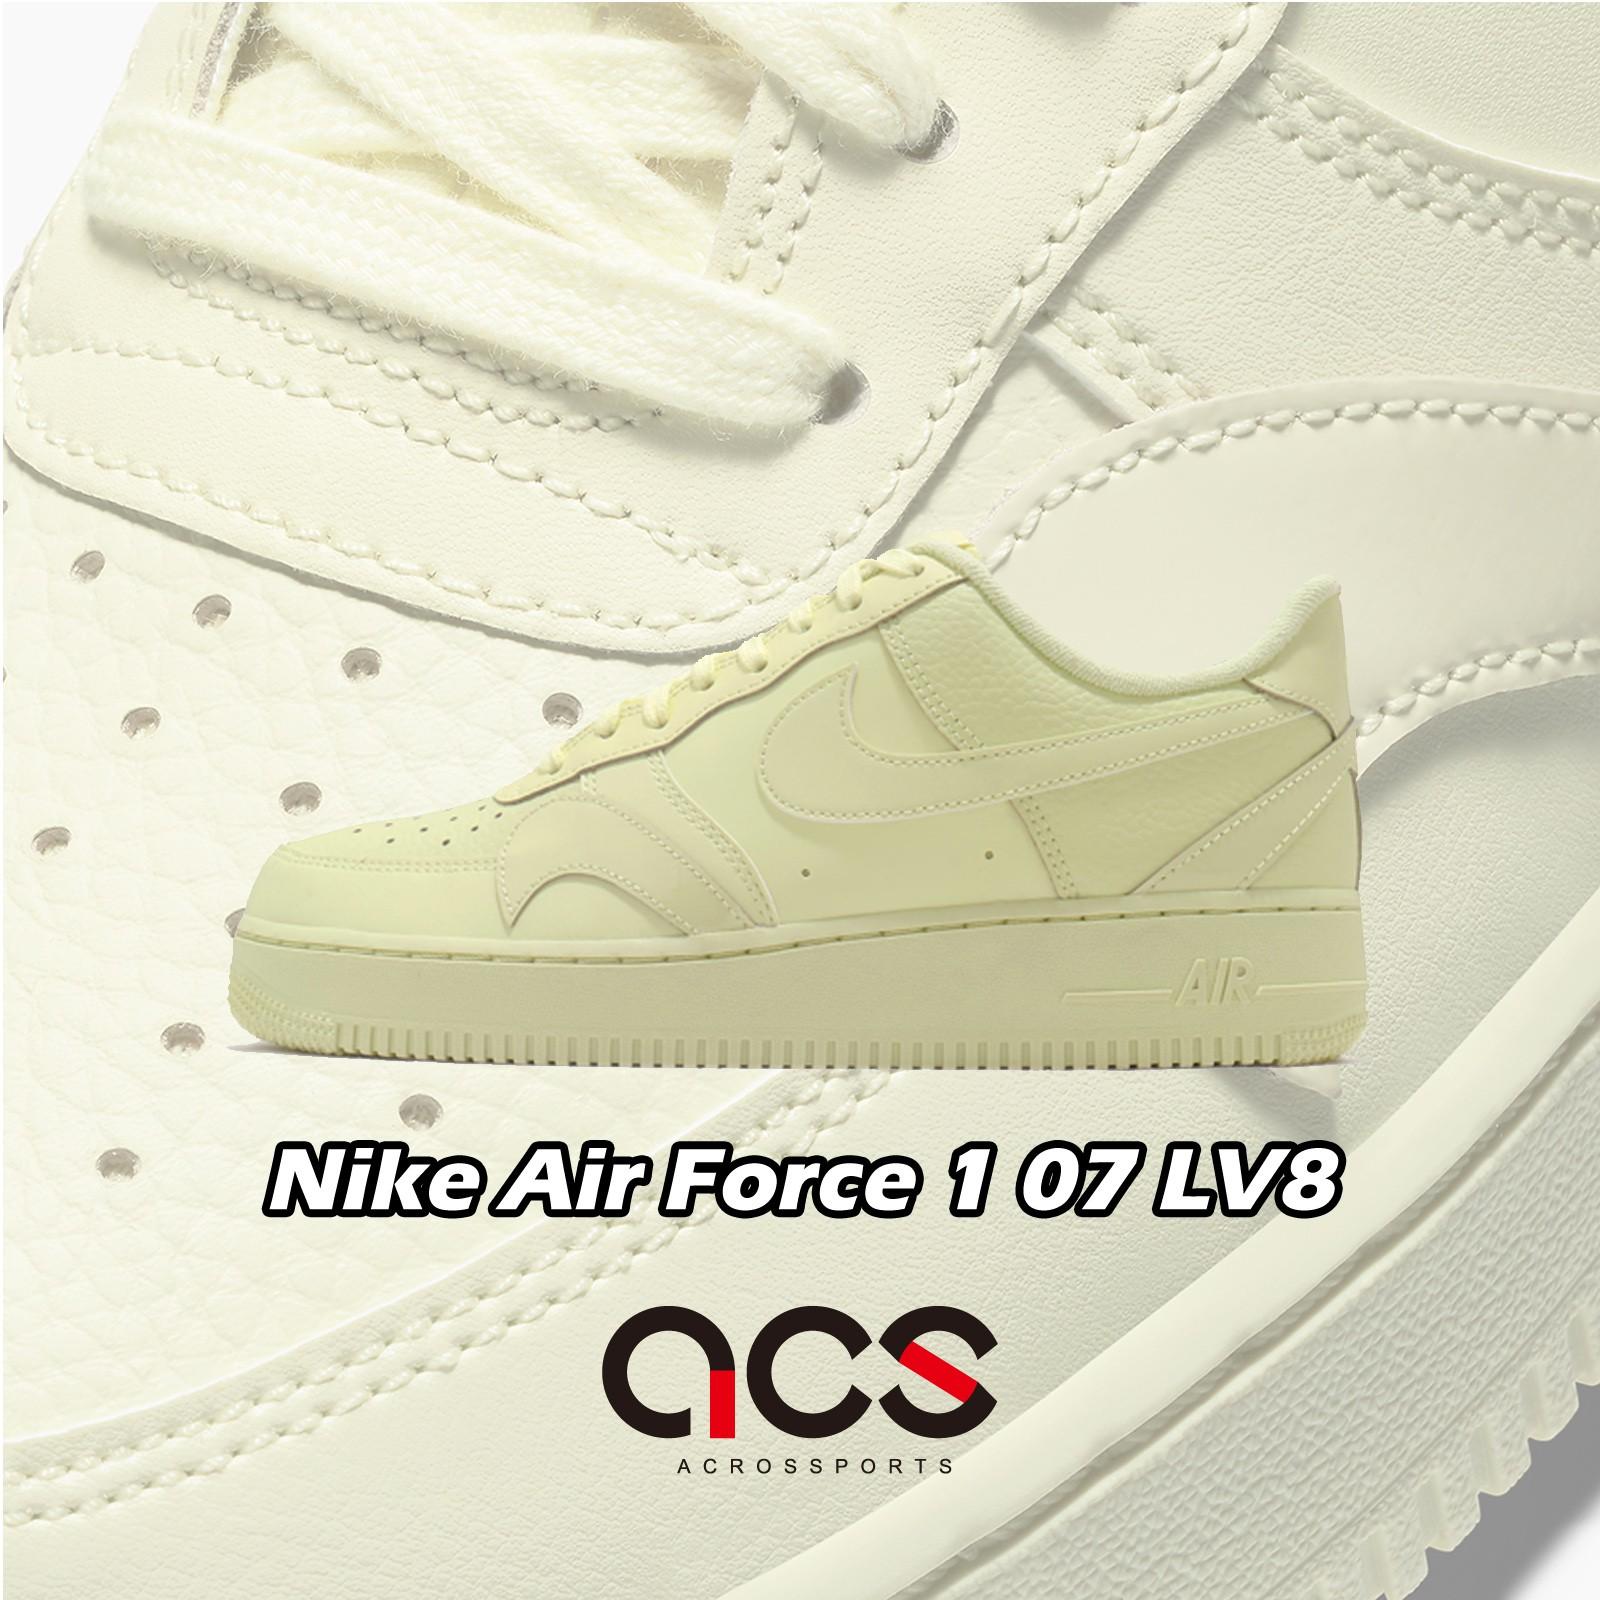 Nike 休閒鞋 Air Force 1 07 LV8 淡黃 AF1 男鞋 錯位勾勾 【ACS】 CK7214-700